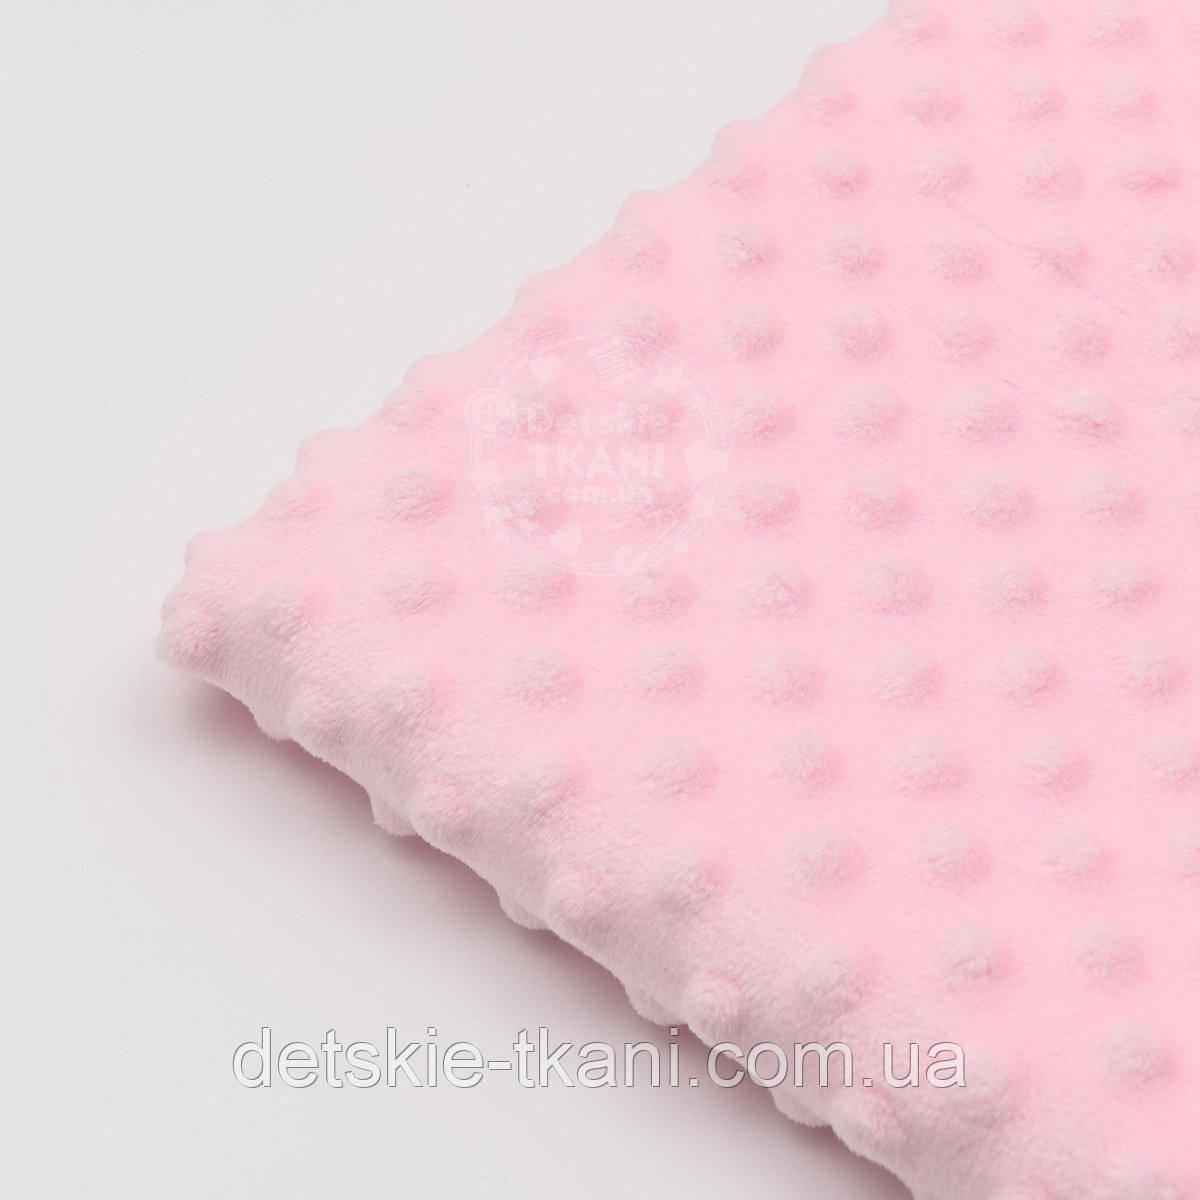 Лоскут плюша minky М-6 цвет светло розовый, размер 100*100 см (есть загрязнение)